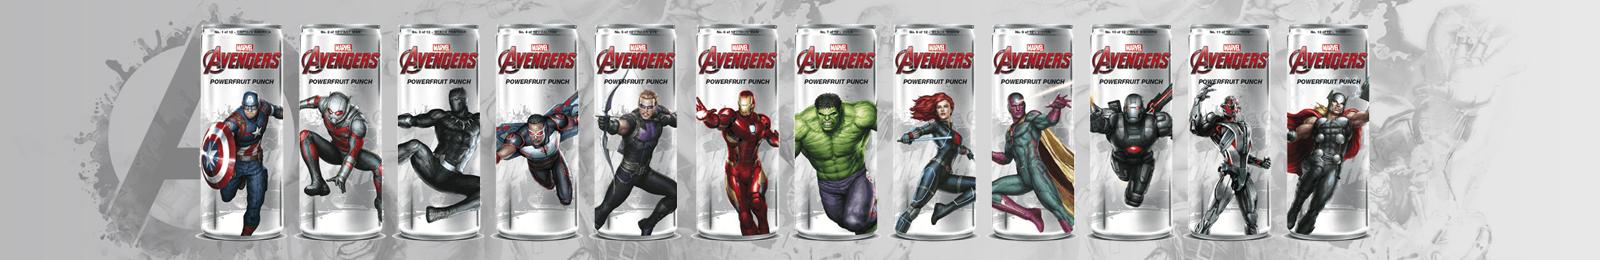 avengers_header_bg6